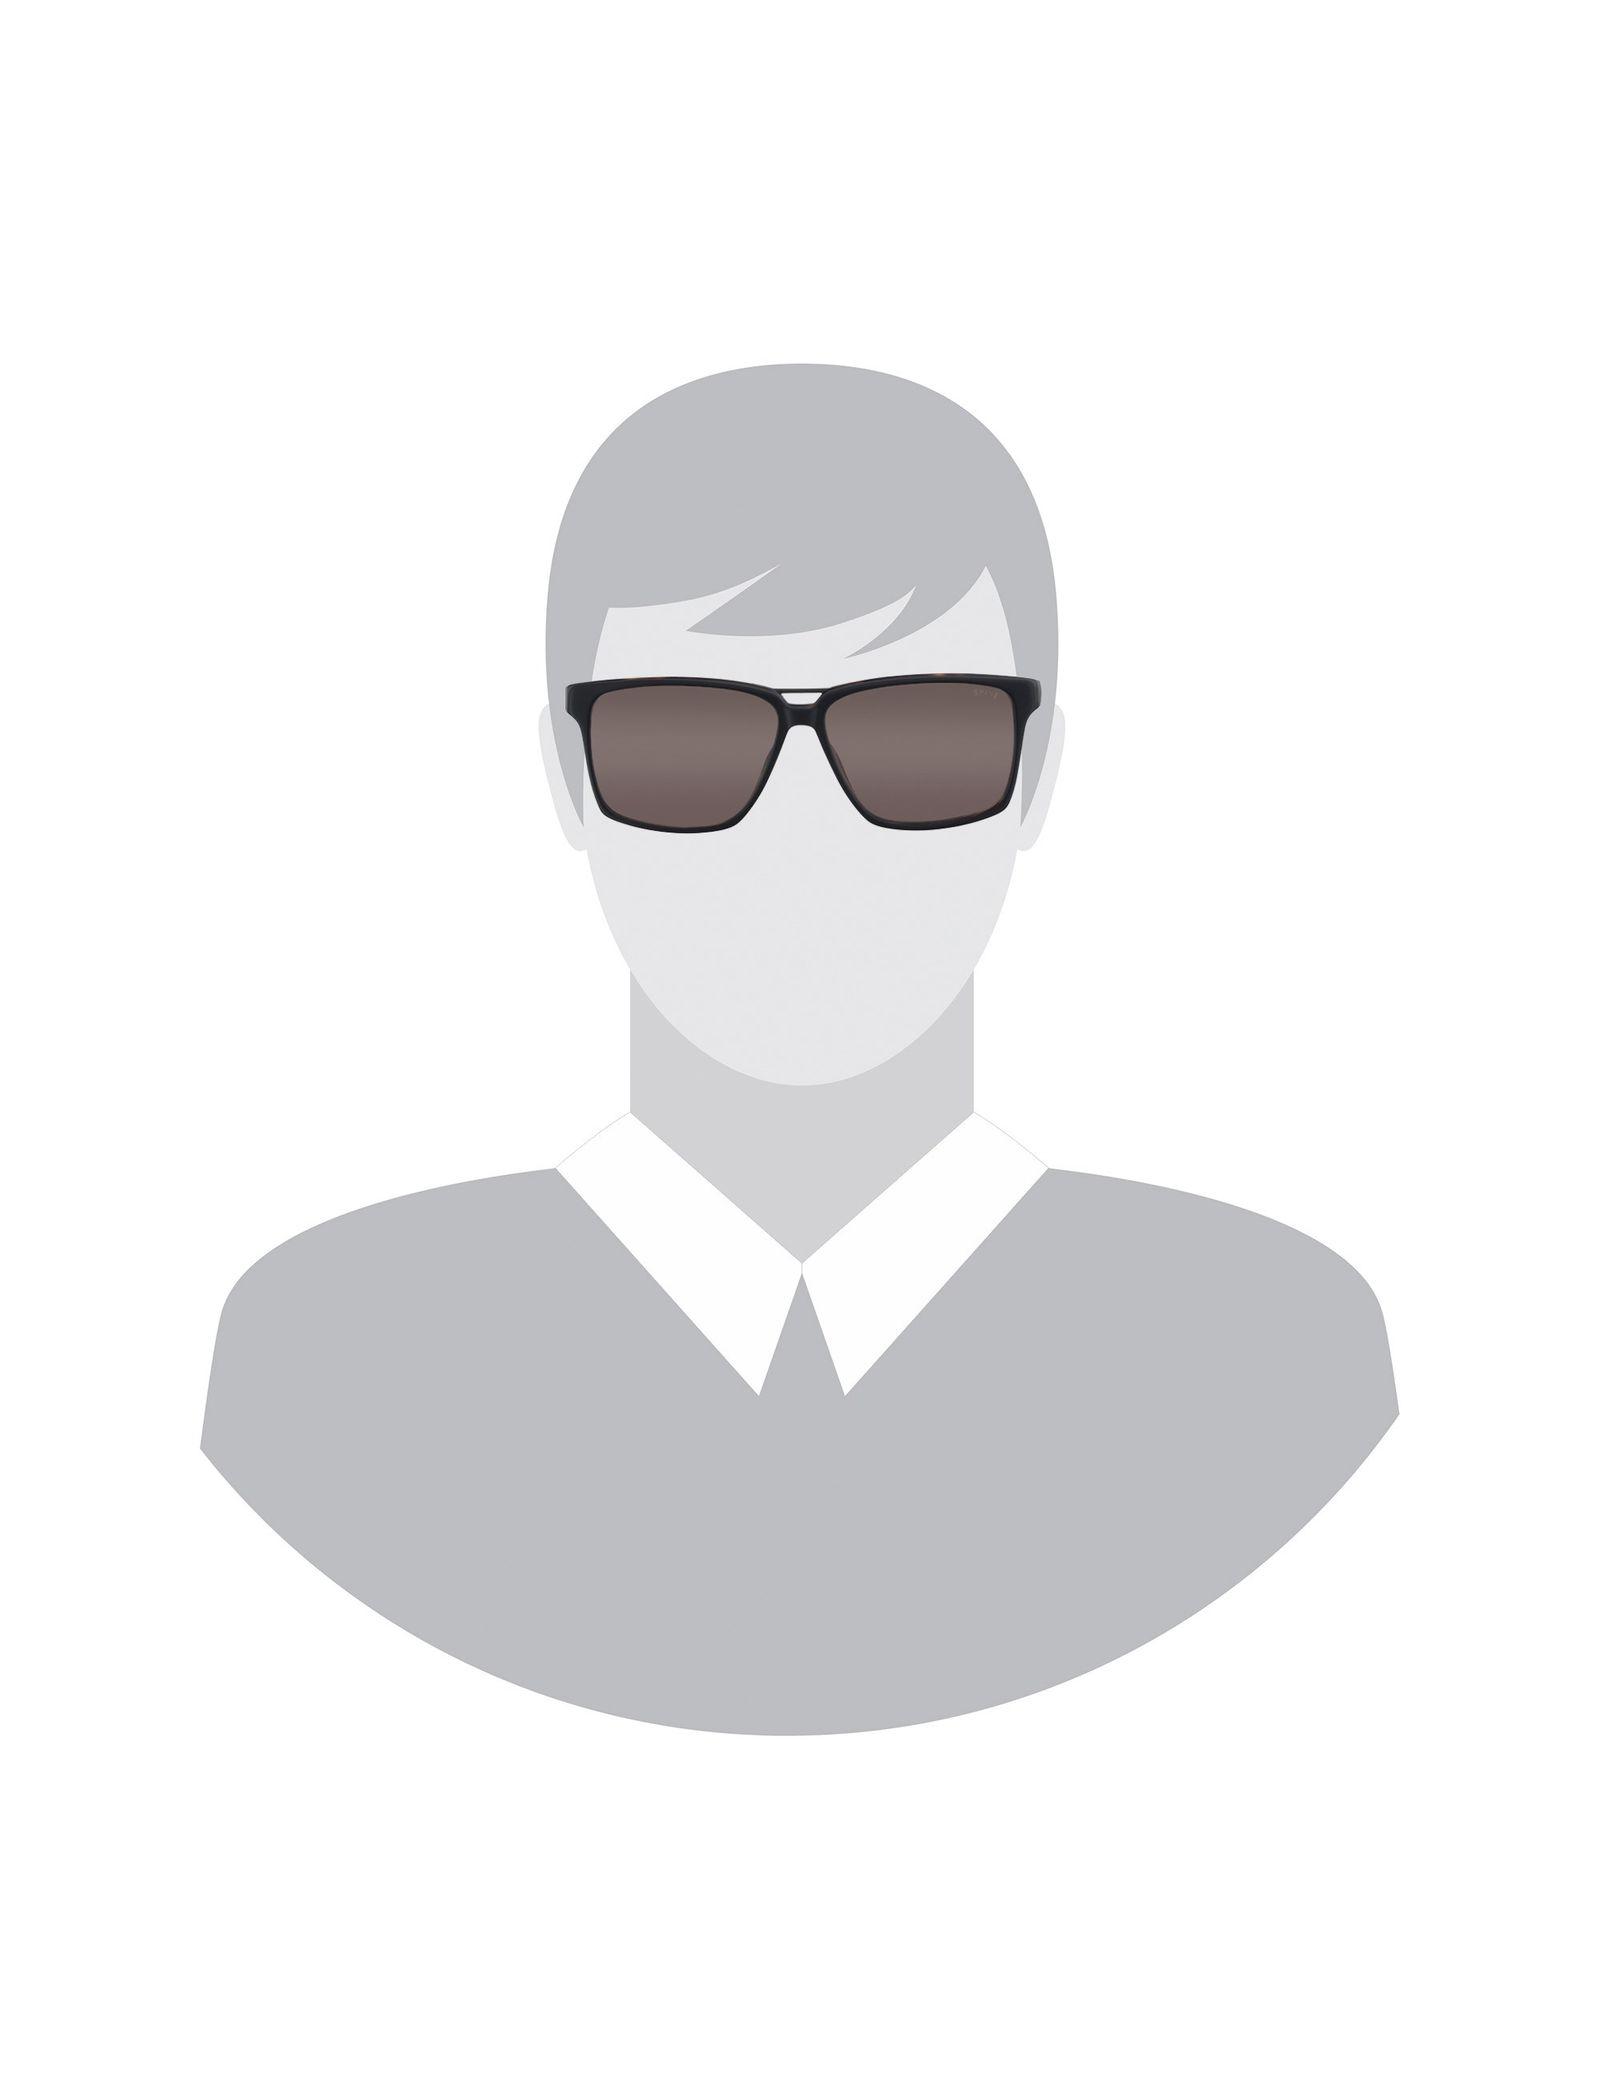 عینک آفتابی ویفرر مردانه - اسپاین - مشکي و قهوه اي - 6